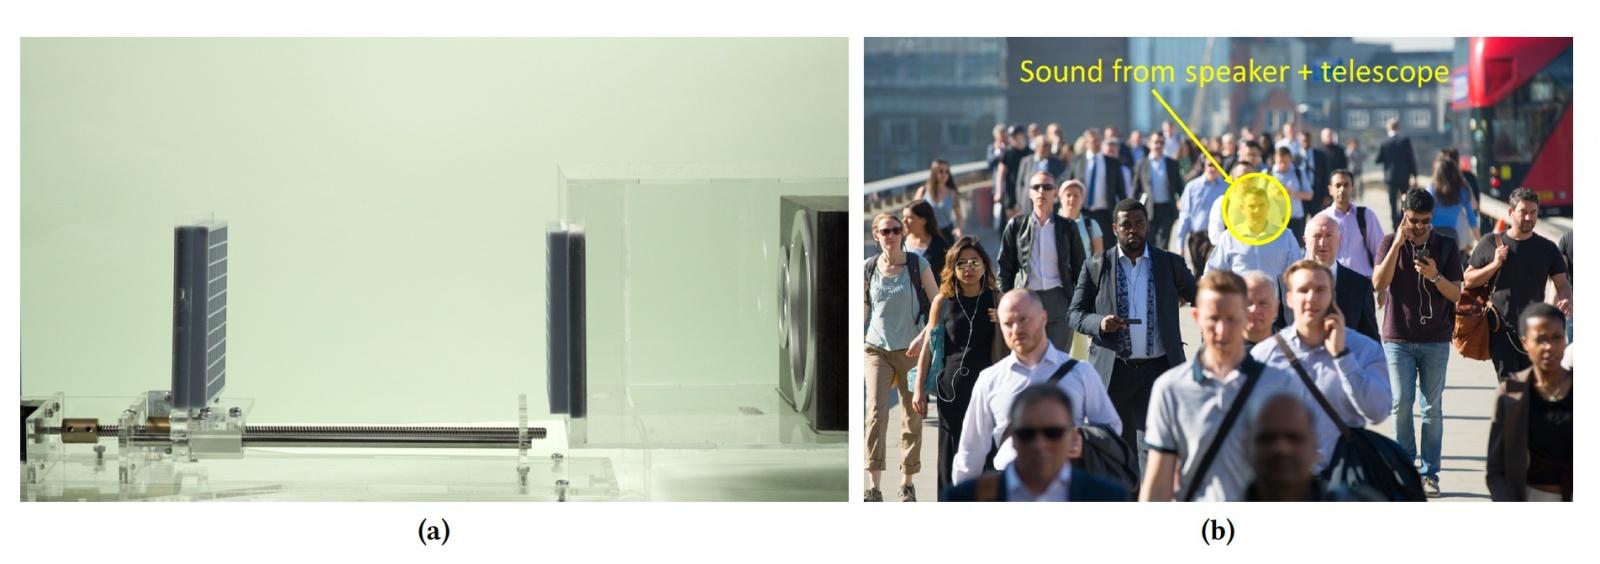 Кастомизация звука: «линзы» из метаматериала для контроля звукового поля - 9